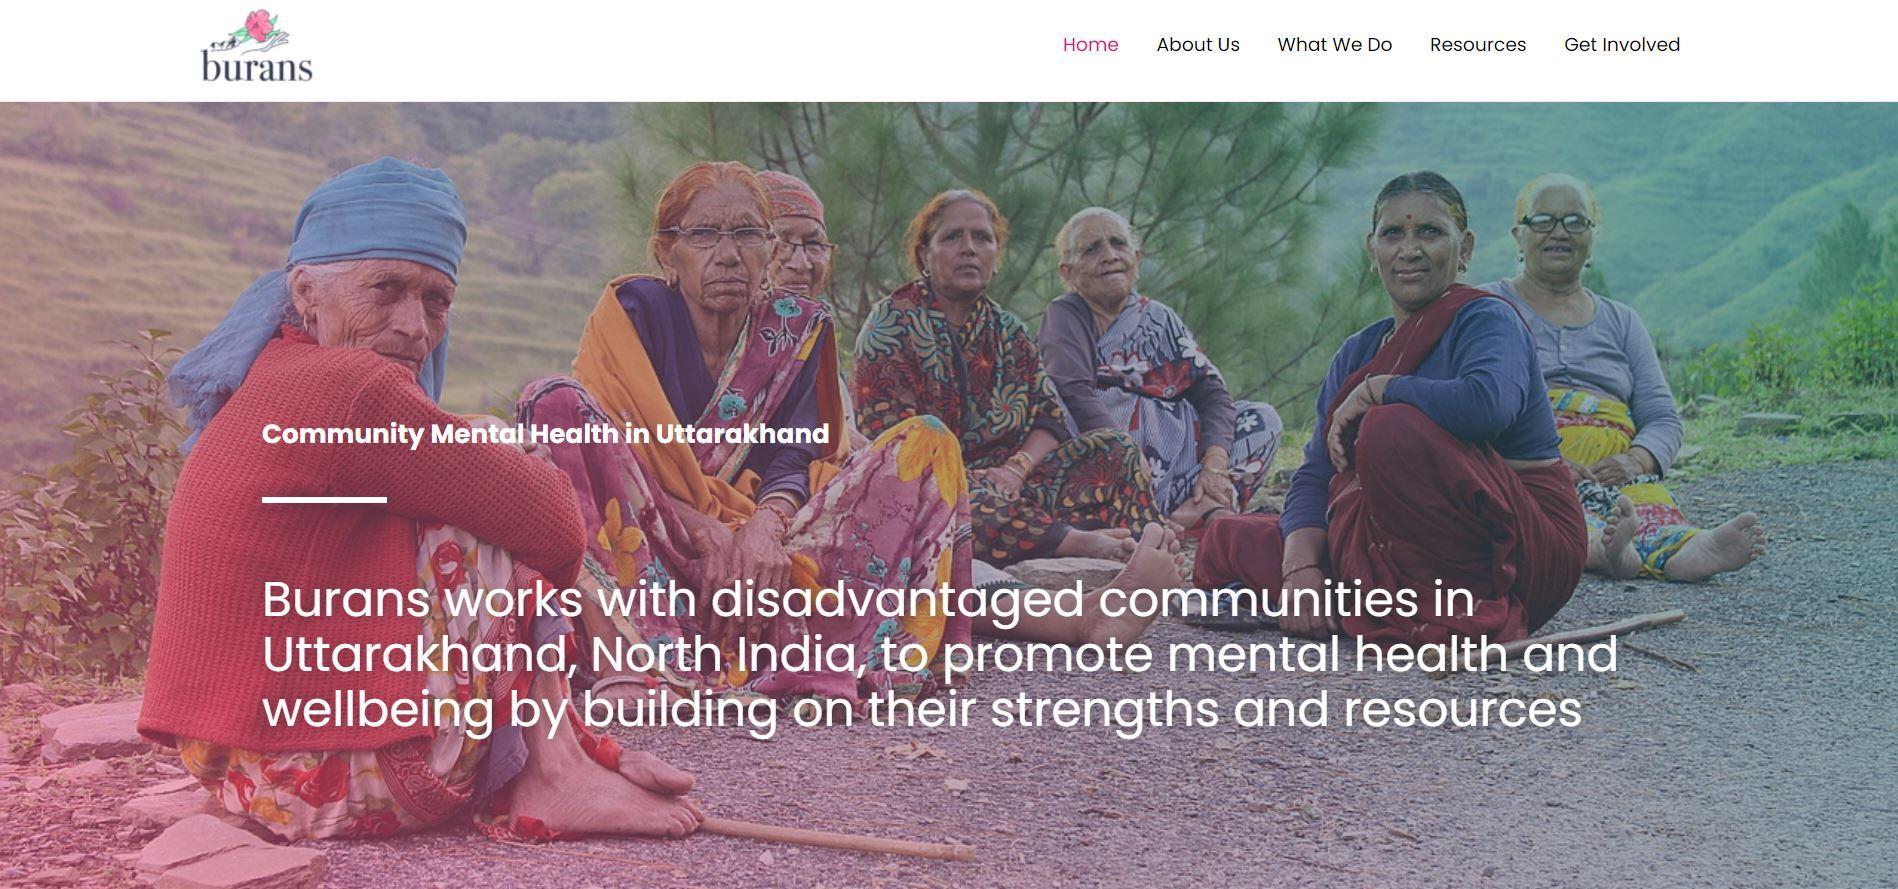 Burans website